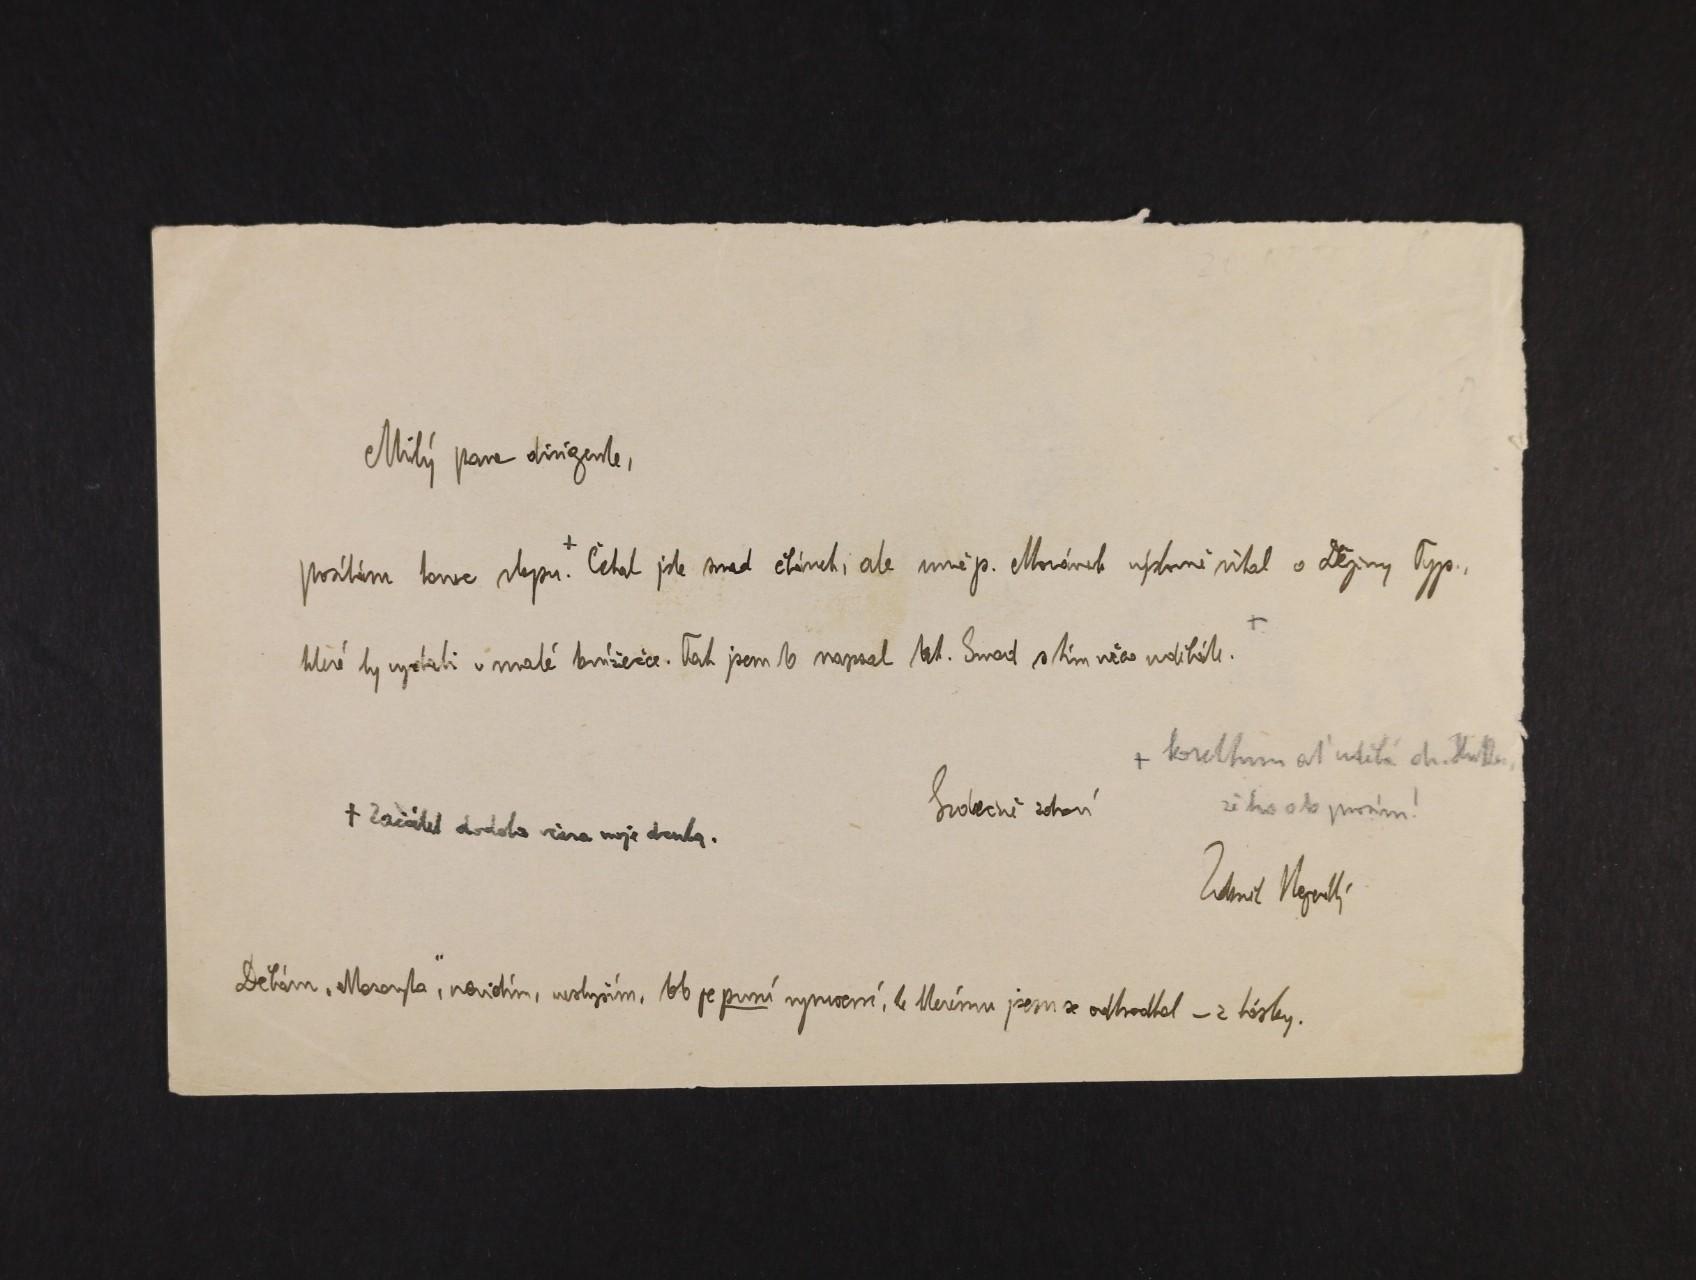 Nejedlý Zdeněk 1878 - 1962, historik, muzikolog, veřejný činitel - dopis s vlastnoručním podpisem